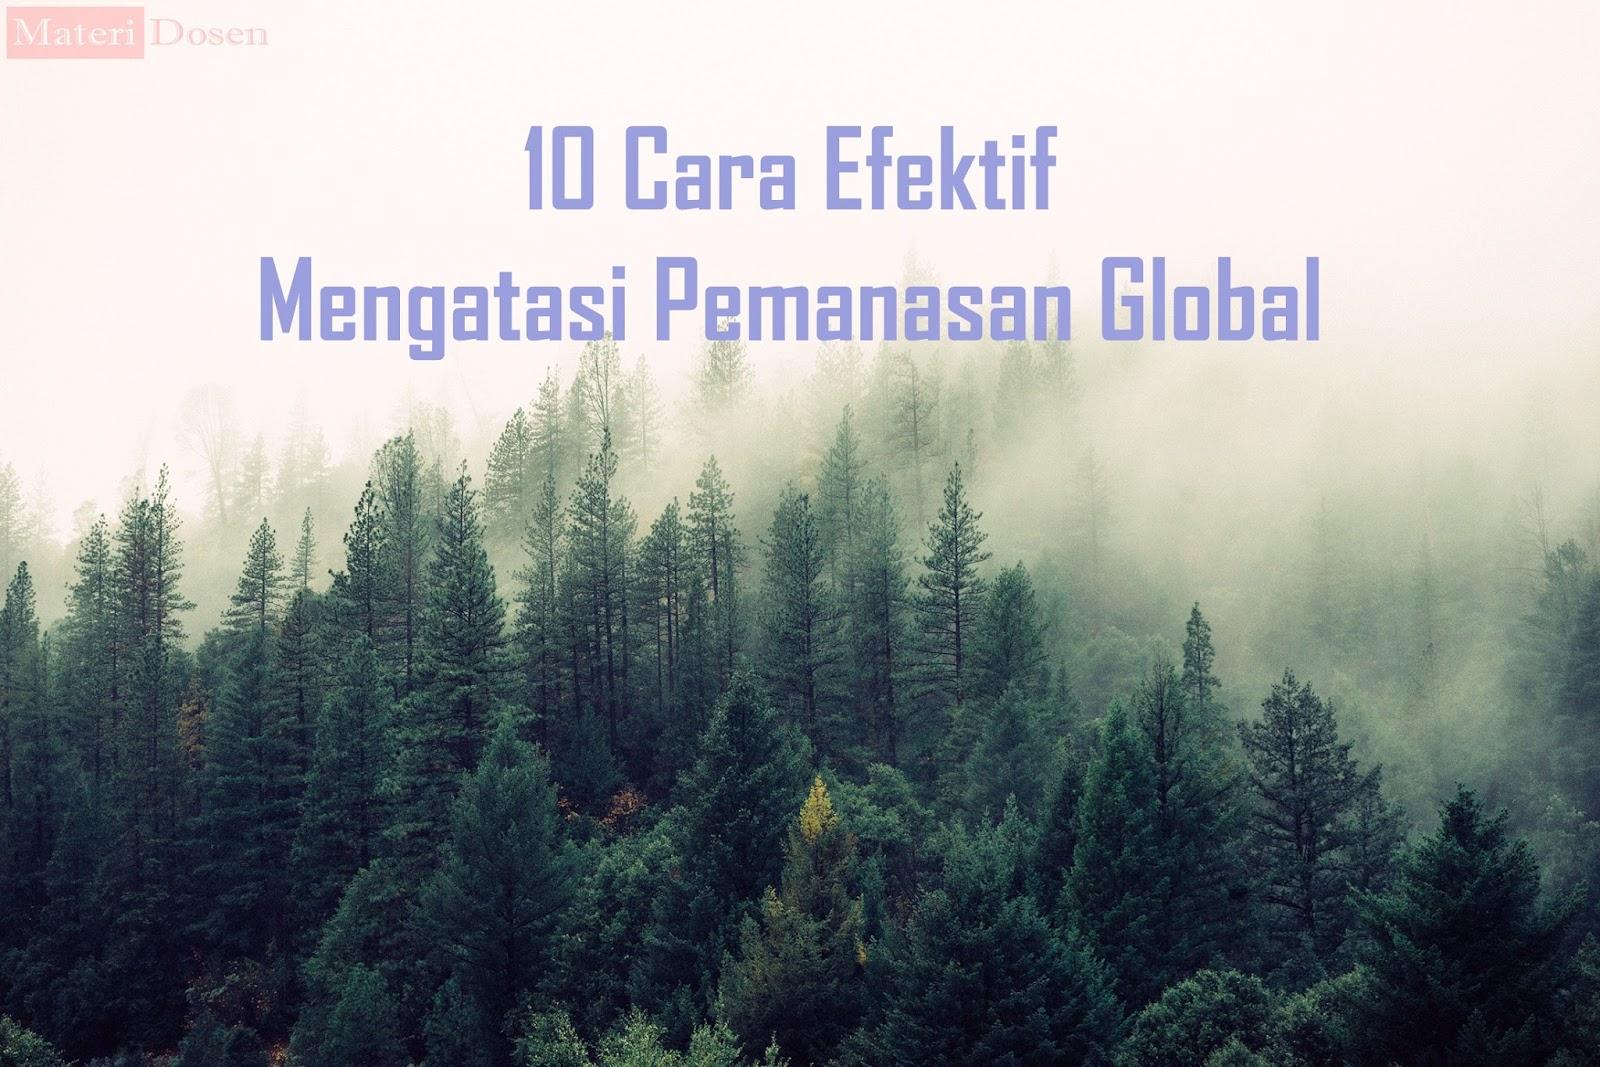 10 Cara Efektif Mengatasi Pemanasan Global Materi Dosen